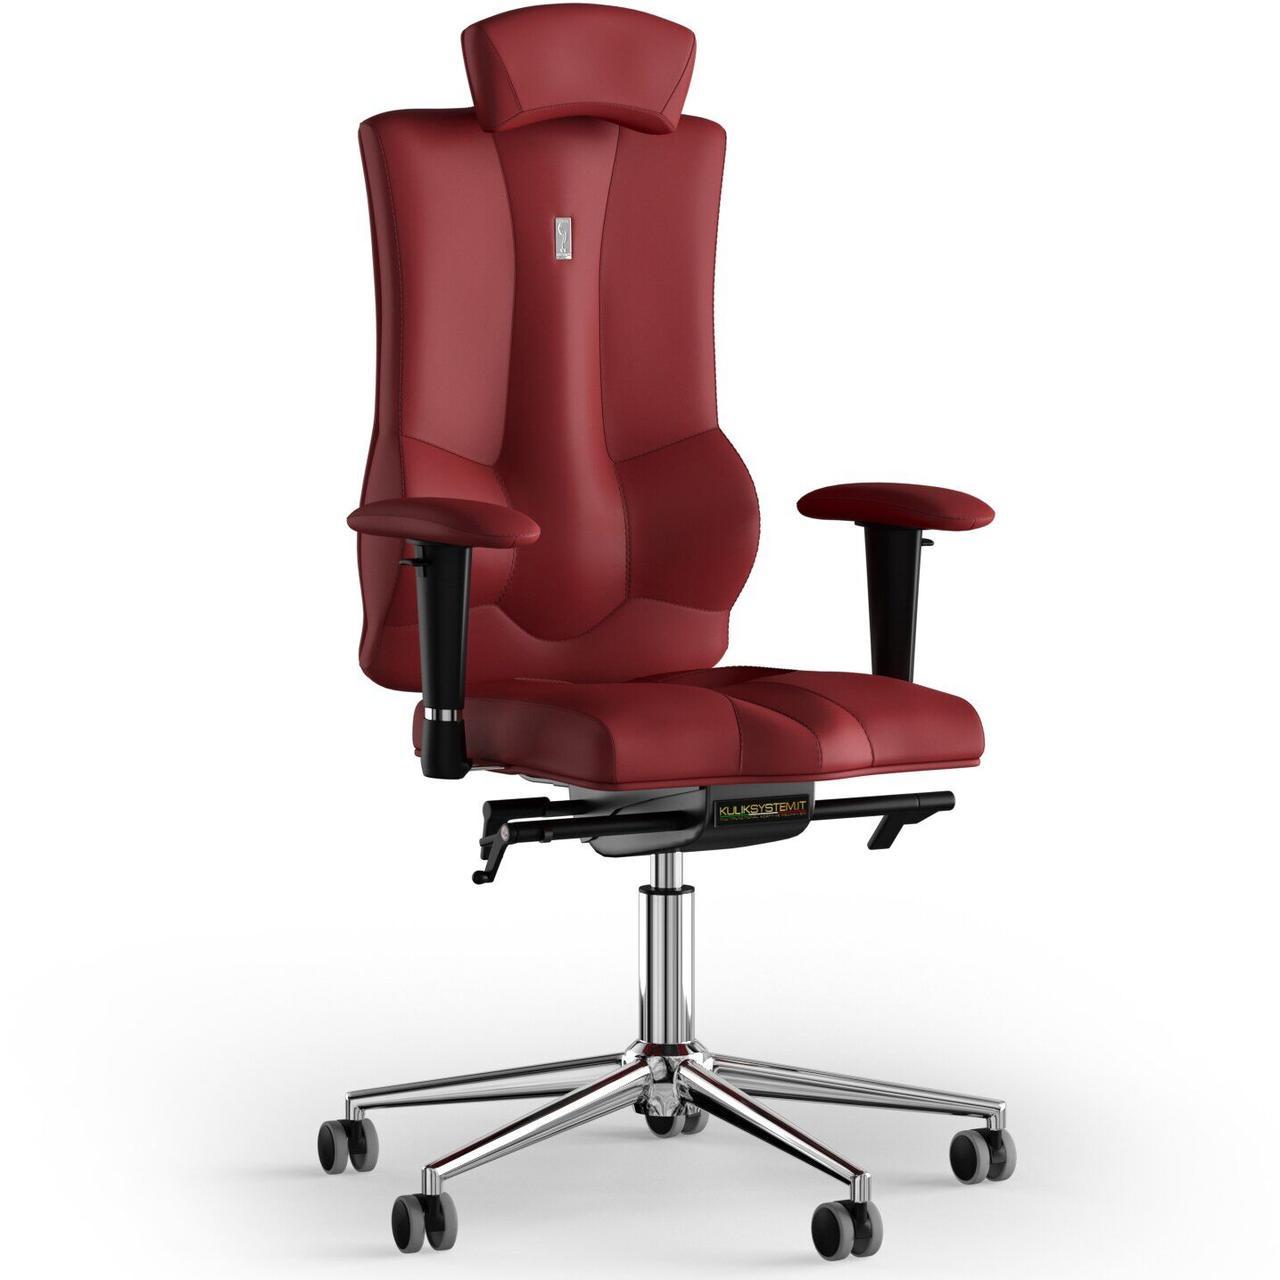 Кресло KULIK SYSTEM ELEGANCE Экокожа с подголовником без строчки Красный (10-901-BS-MC-0205)